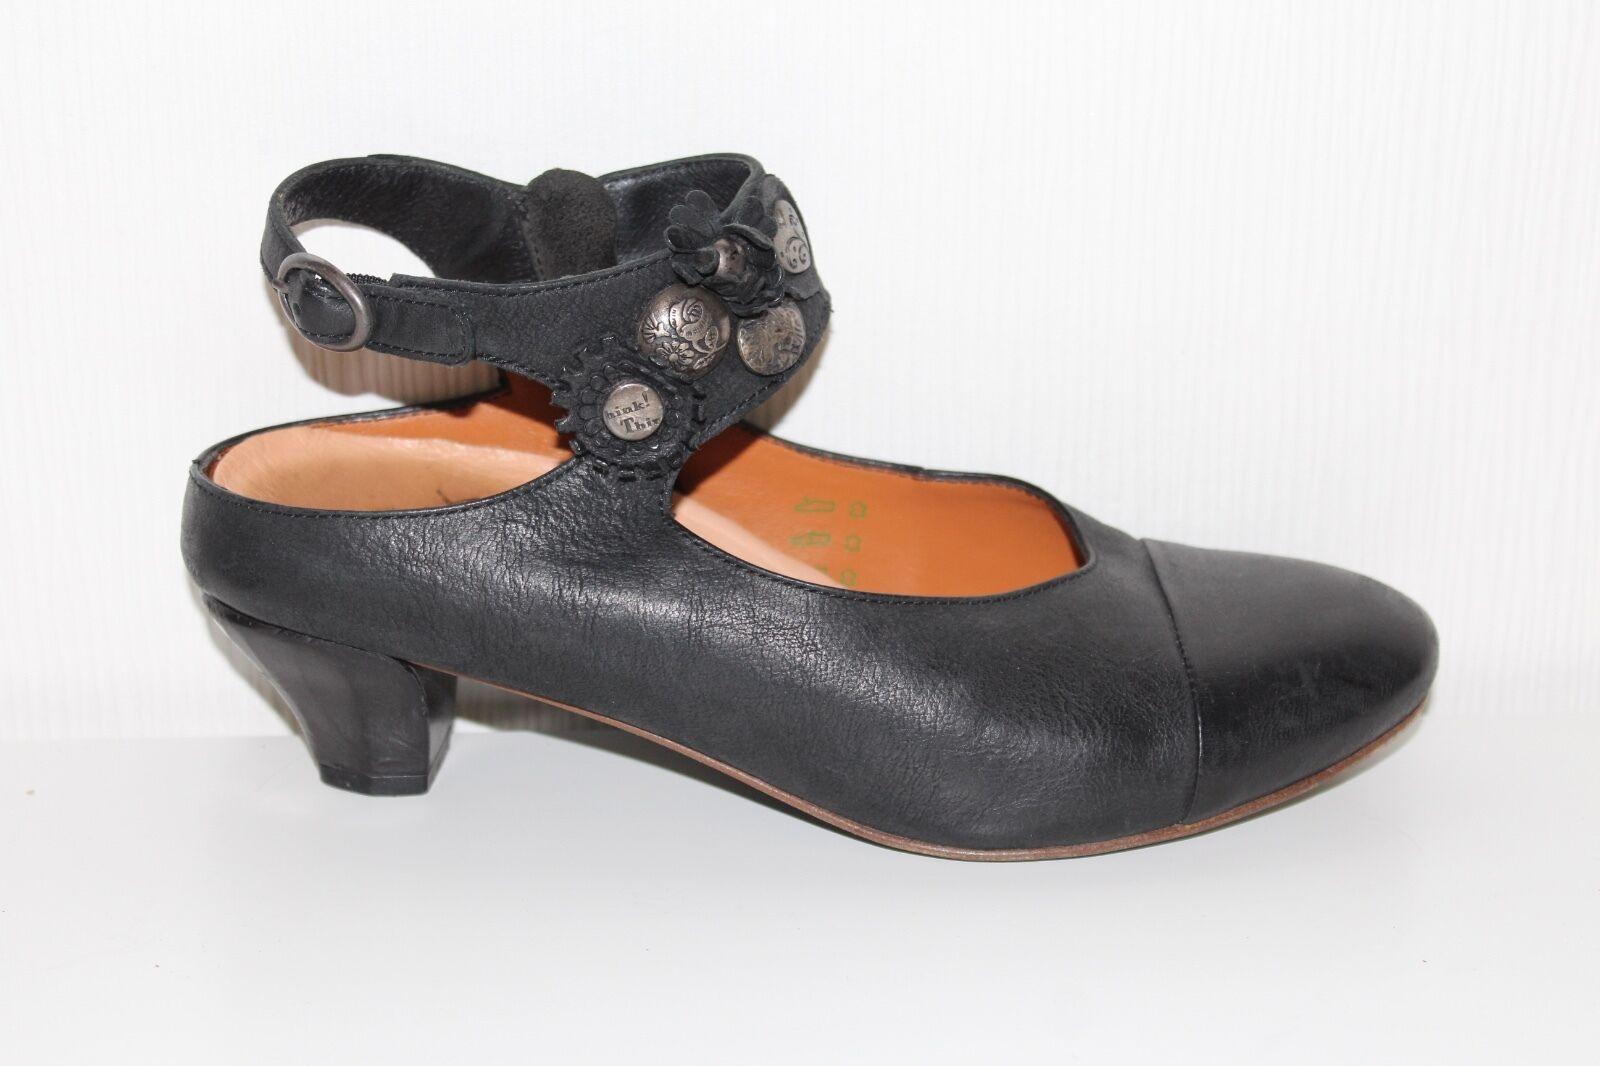 Think  señora zapatos de piel de salón cuero cuero cuero genuino talla 38 negro Mary Janes Lagenlook  tienda en linea